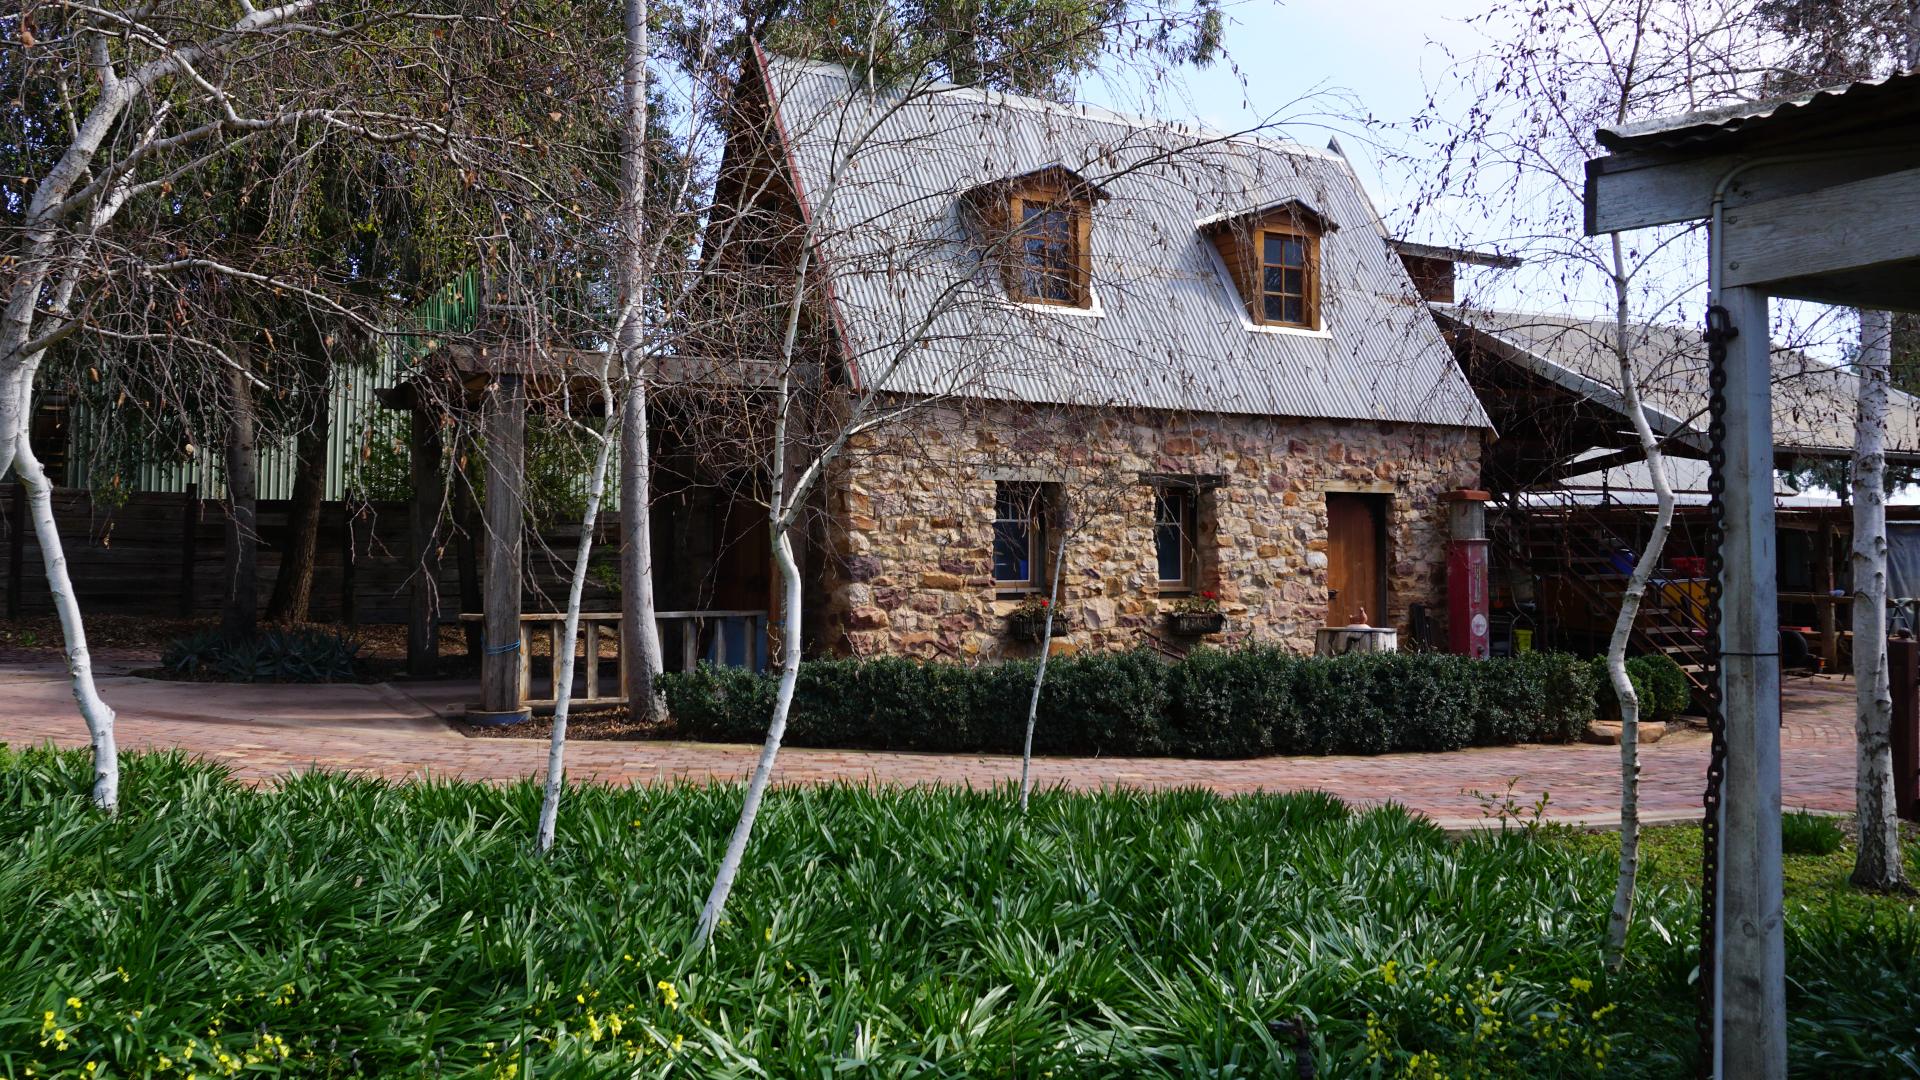 Piccolo-Website-Images-Farm-Cottage.jpg